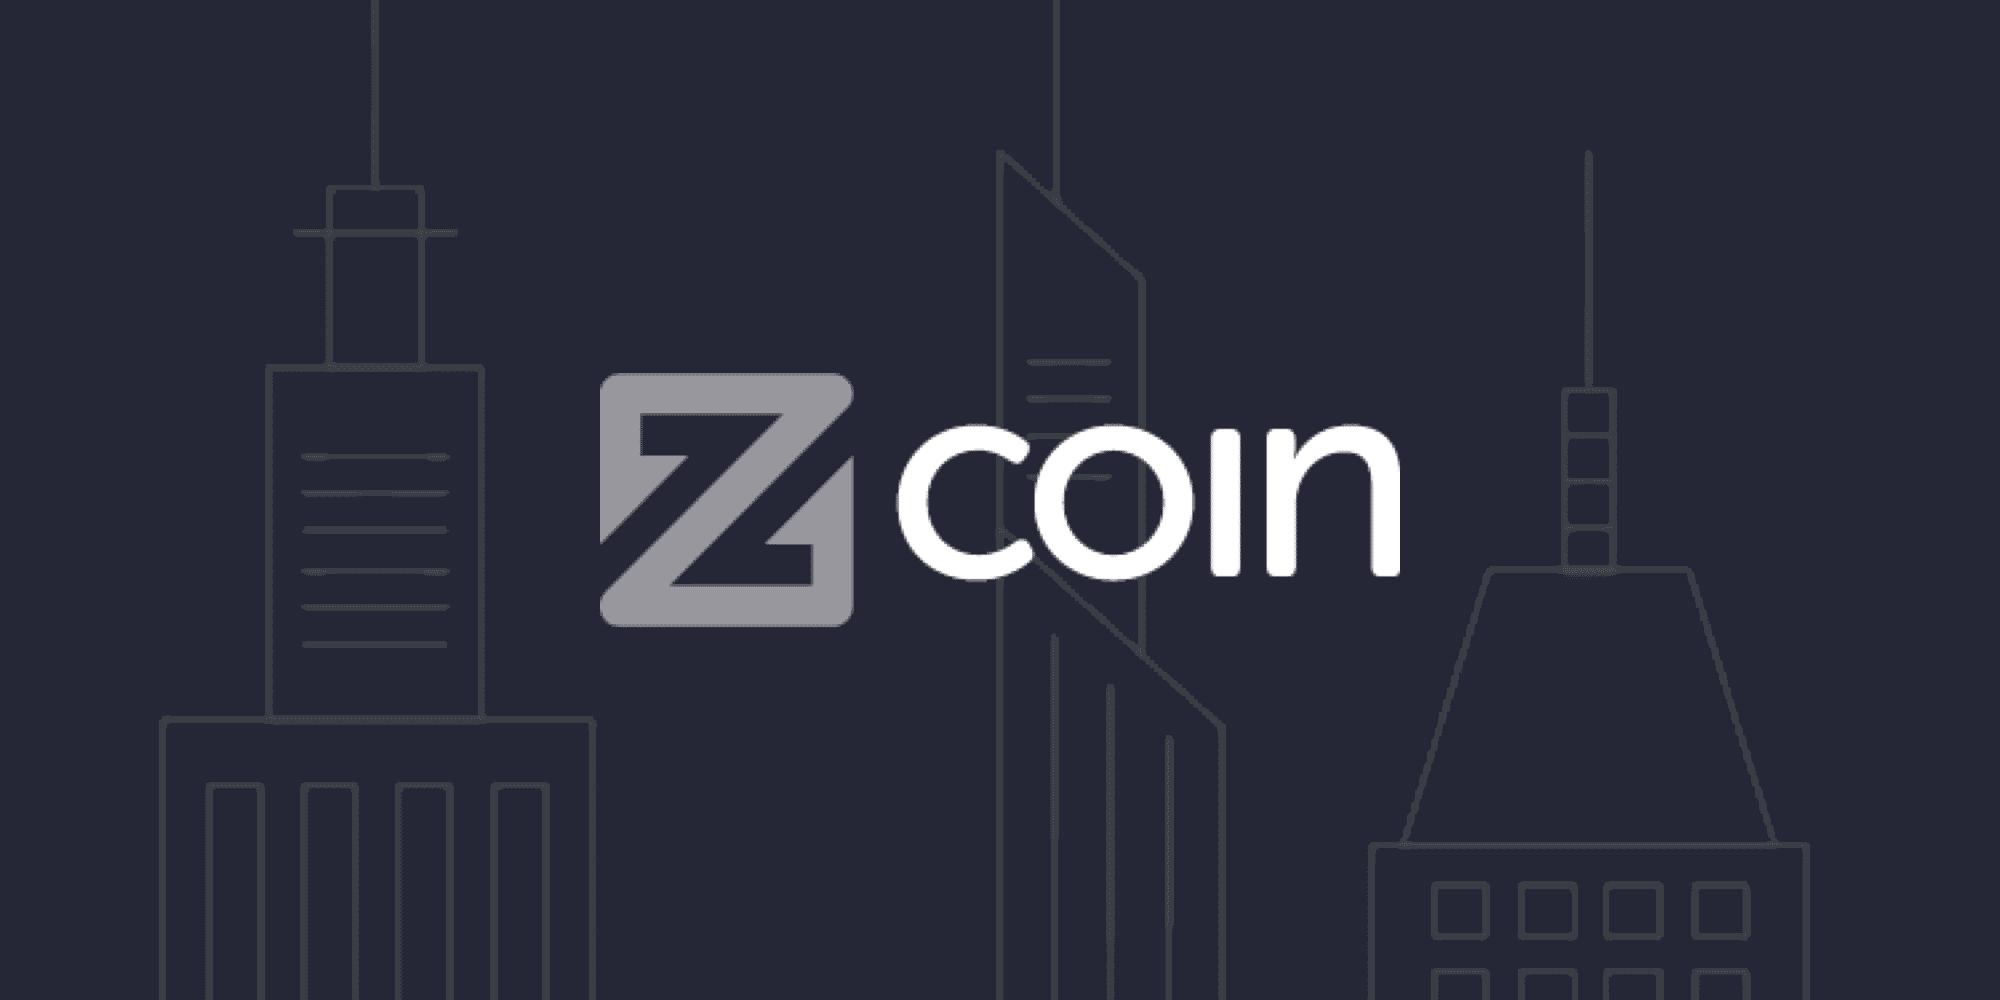 zcoin-freshblue